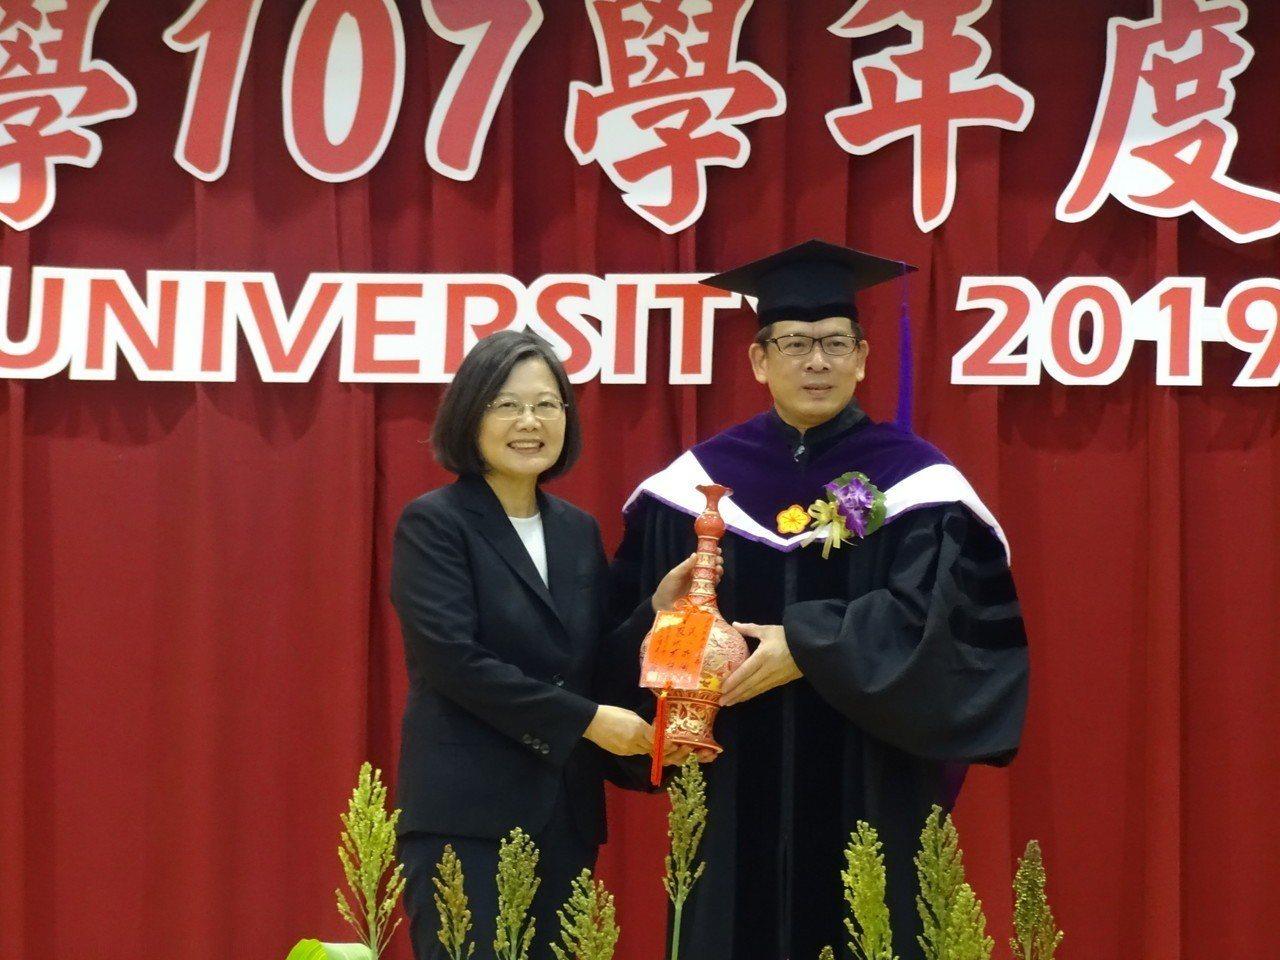 金門大學校長陳建民(右)也特別致贈紀念品給總統蔡英文(左)。記者蔡家蓁/攝影